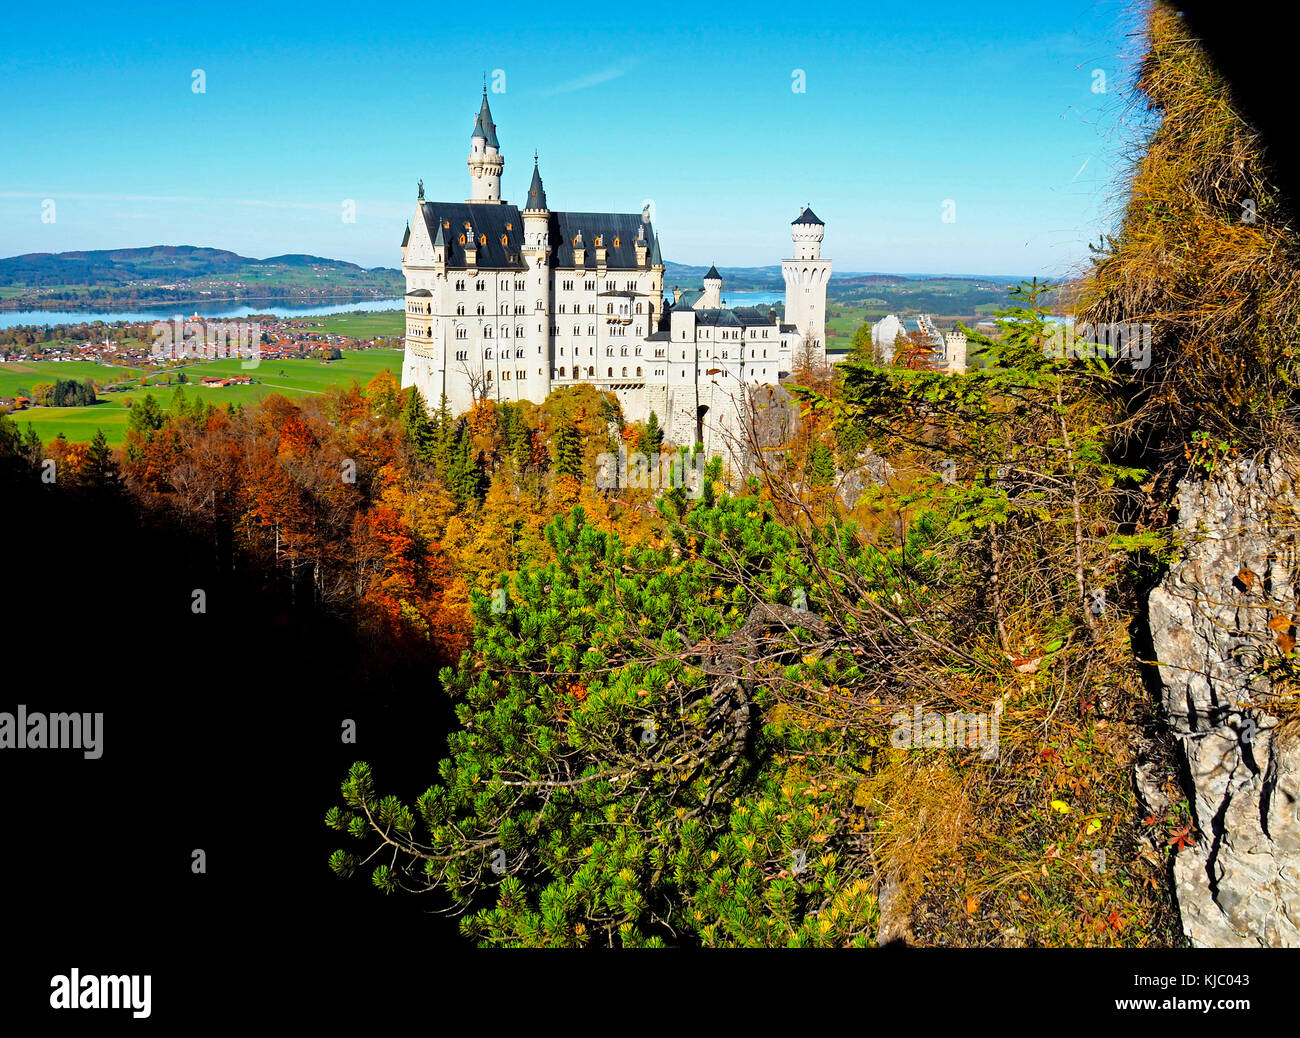 Mad King Ludwig neuschwanstein en Baviera, Alemania. Imagen De Stock